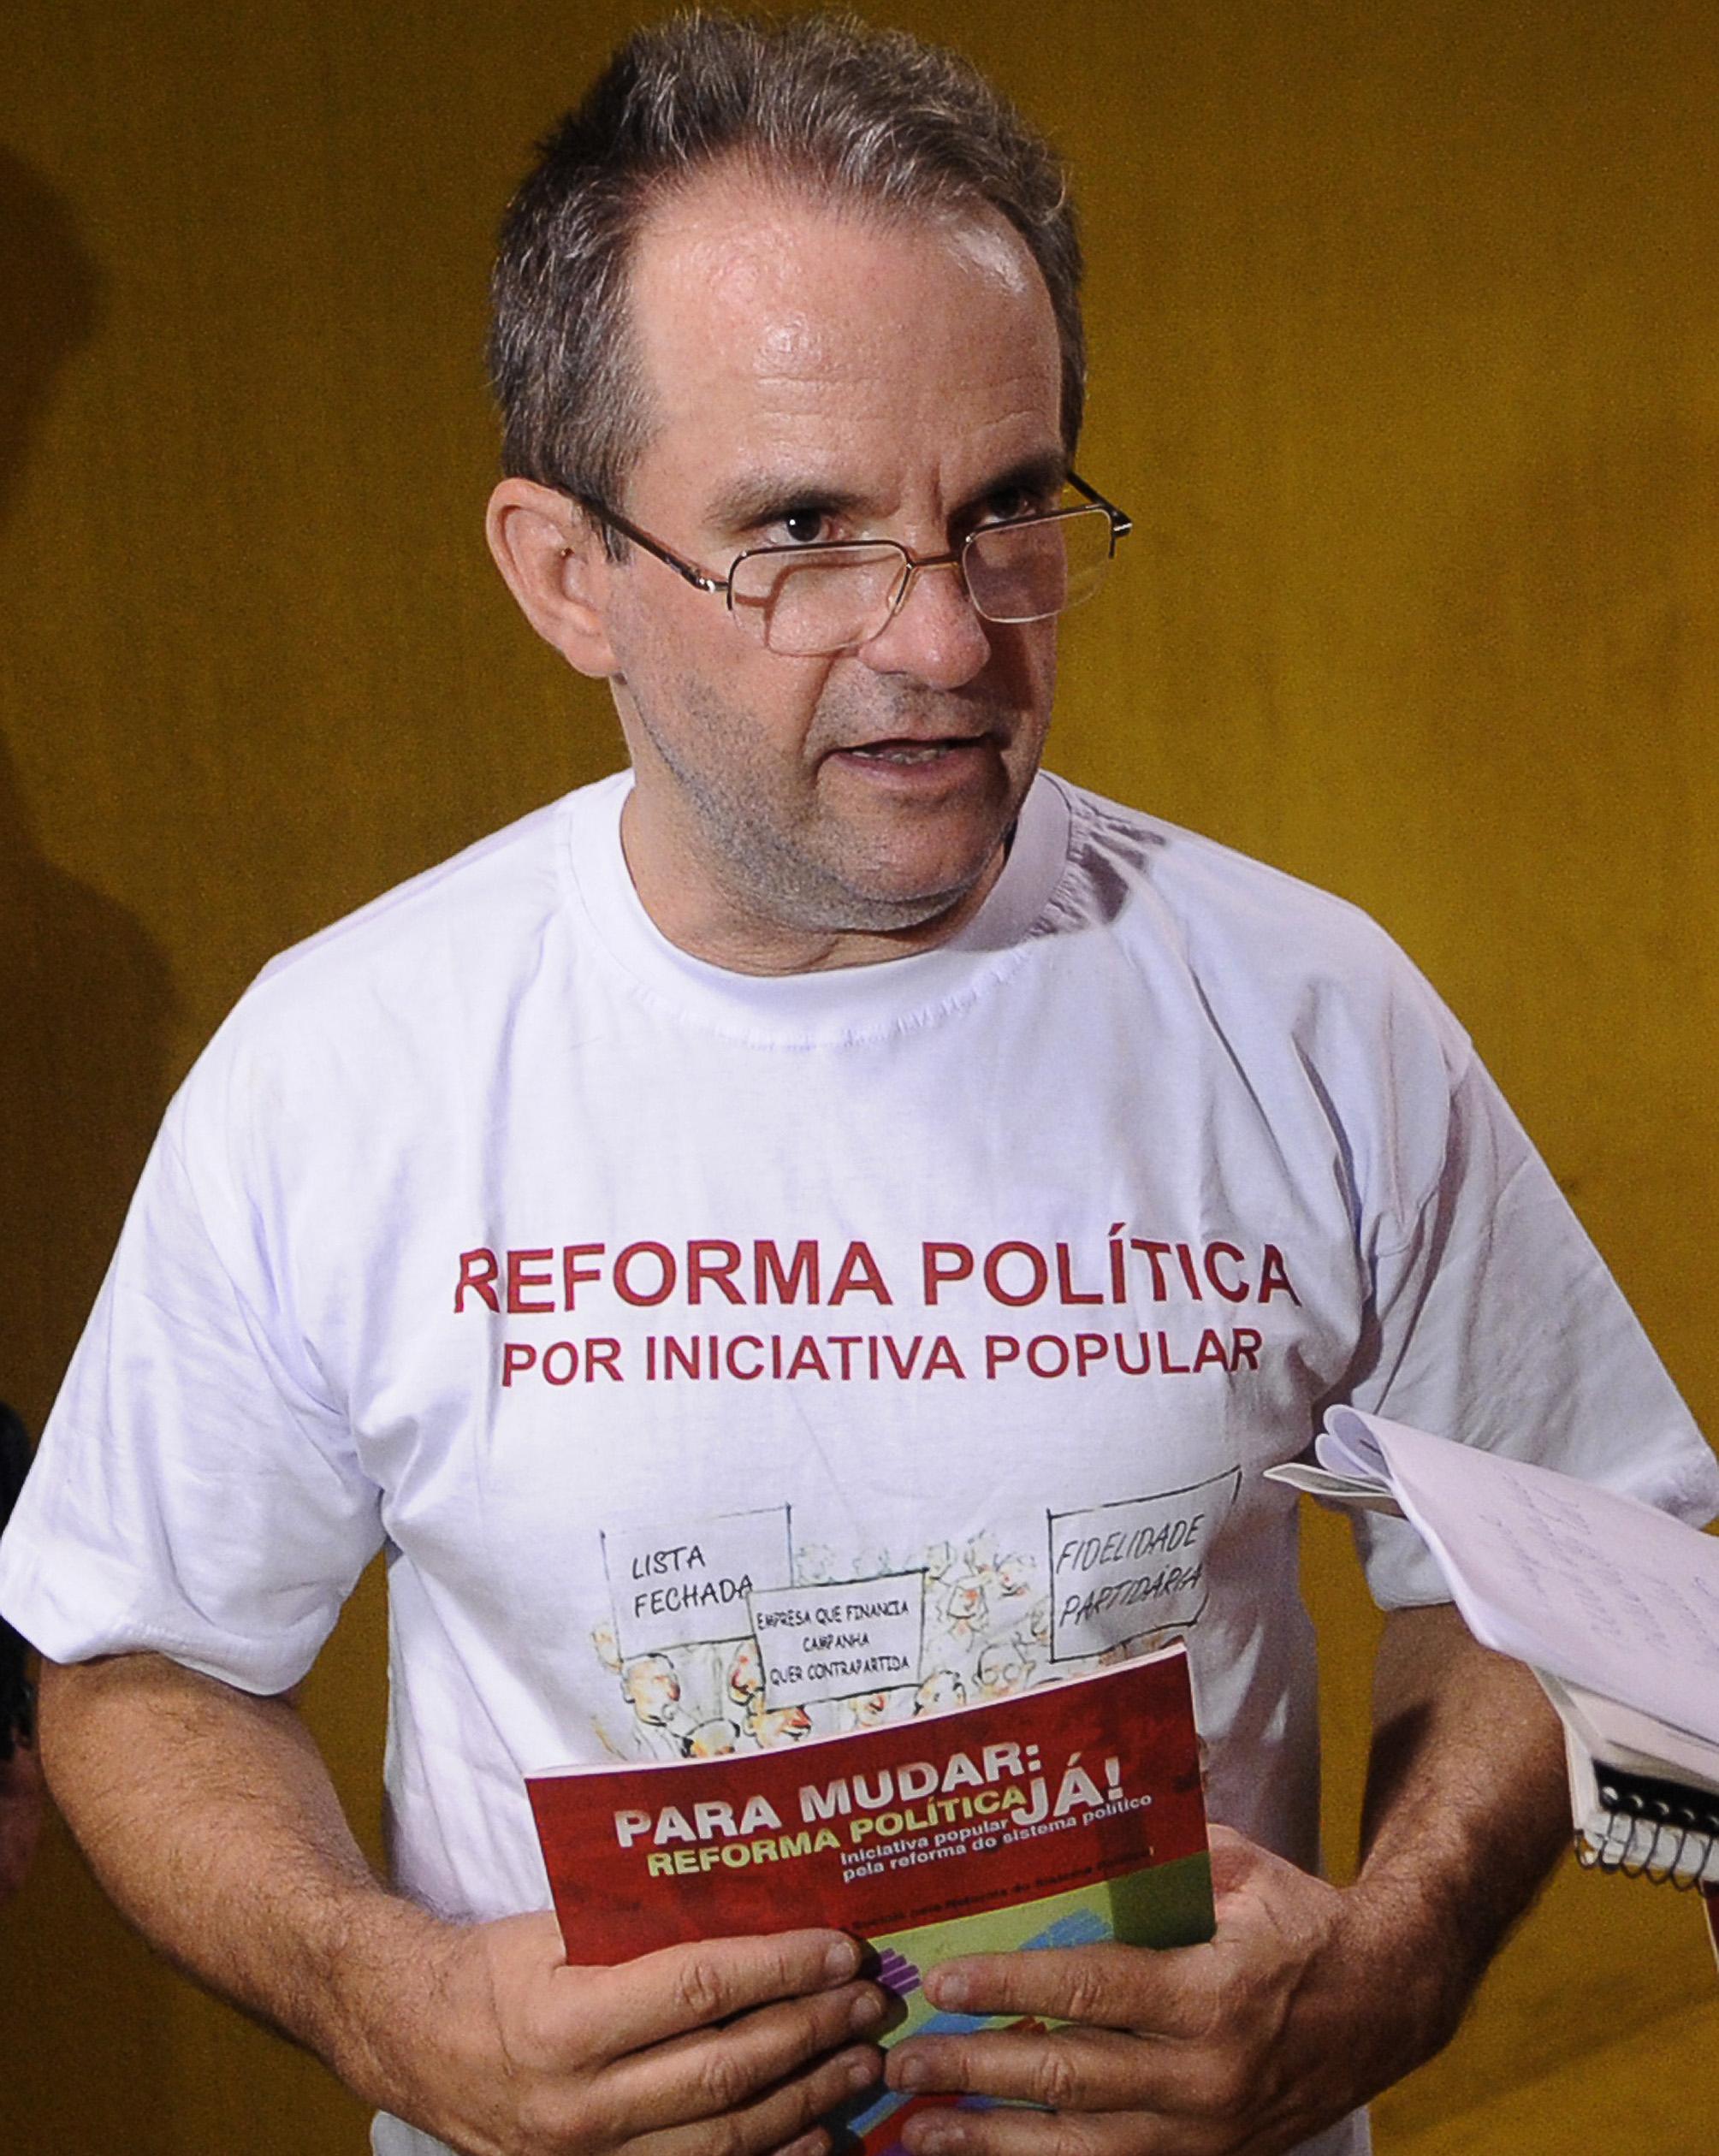 Movimentos Sociais lanam campanha pela reforma pol'tica. Entrevista do dirigente da INESC ( Instituto de Estudos Socioeconomicos), JosŽ Antonio Moroni.